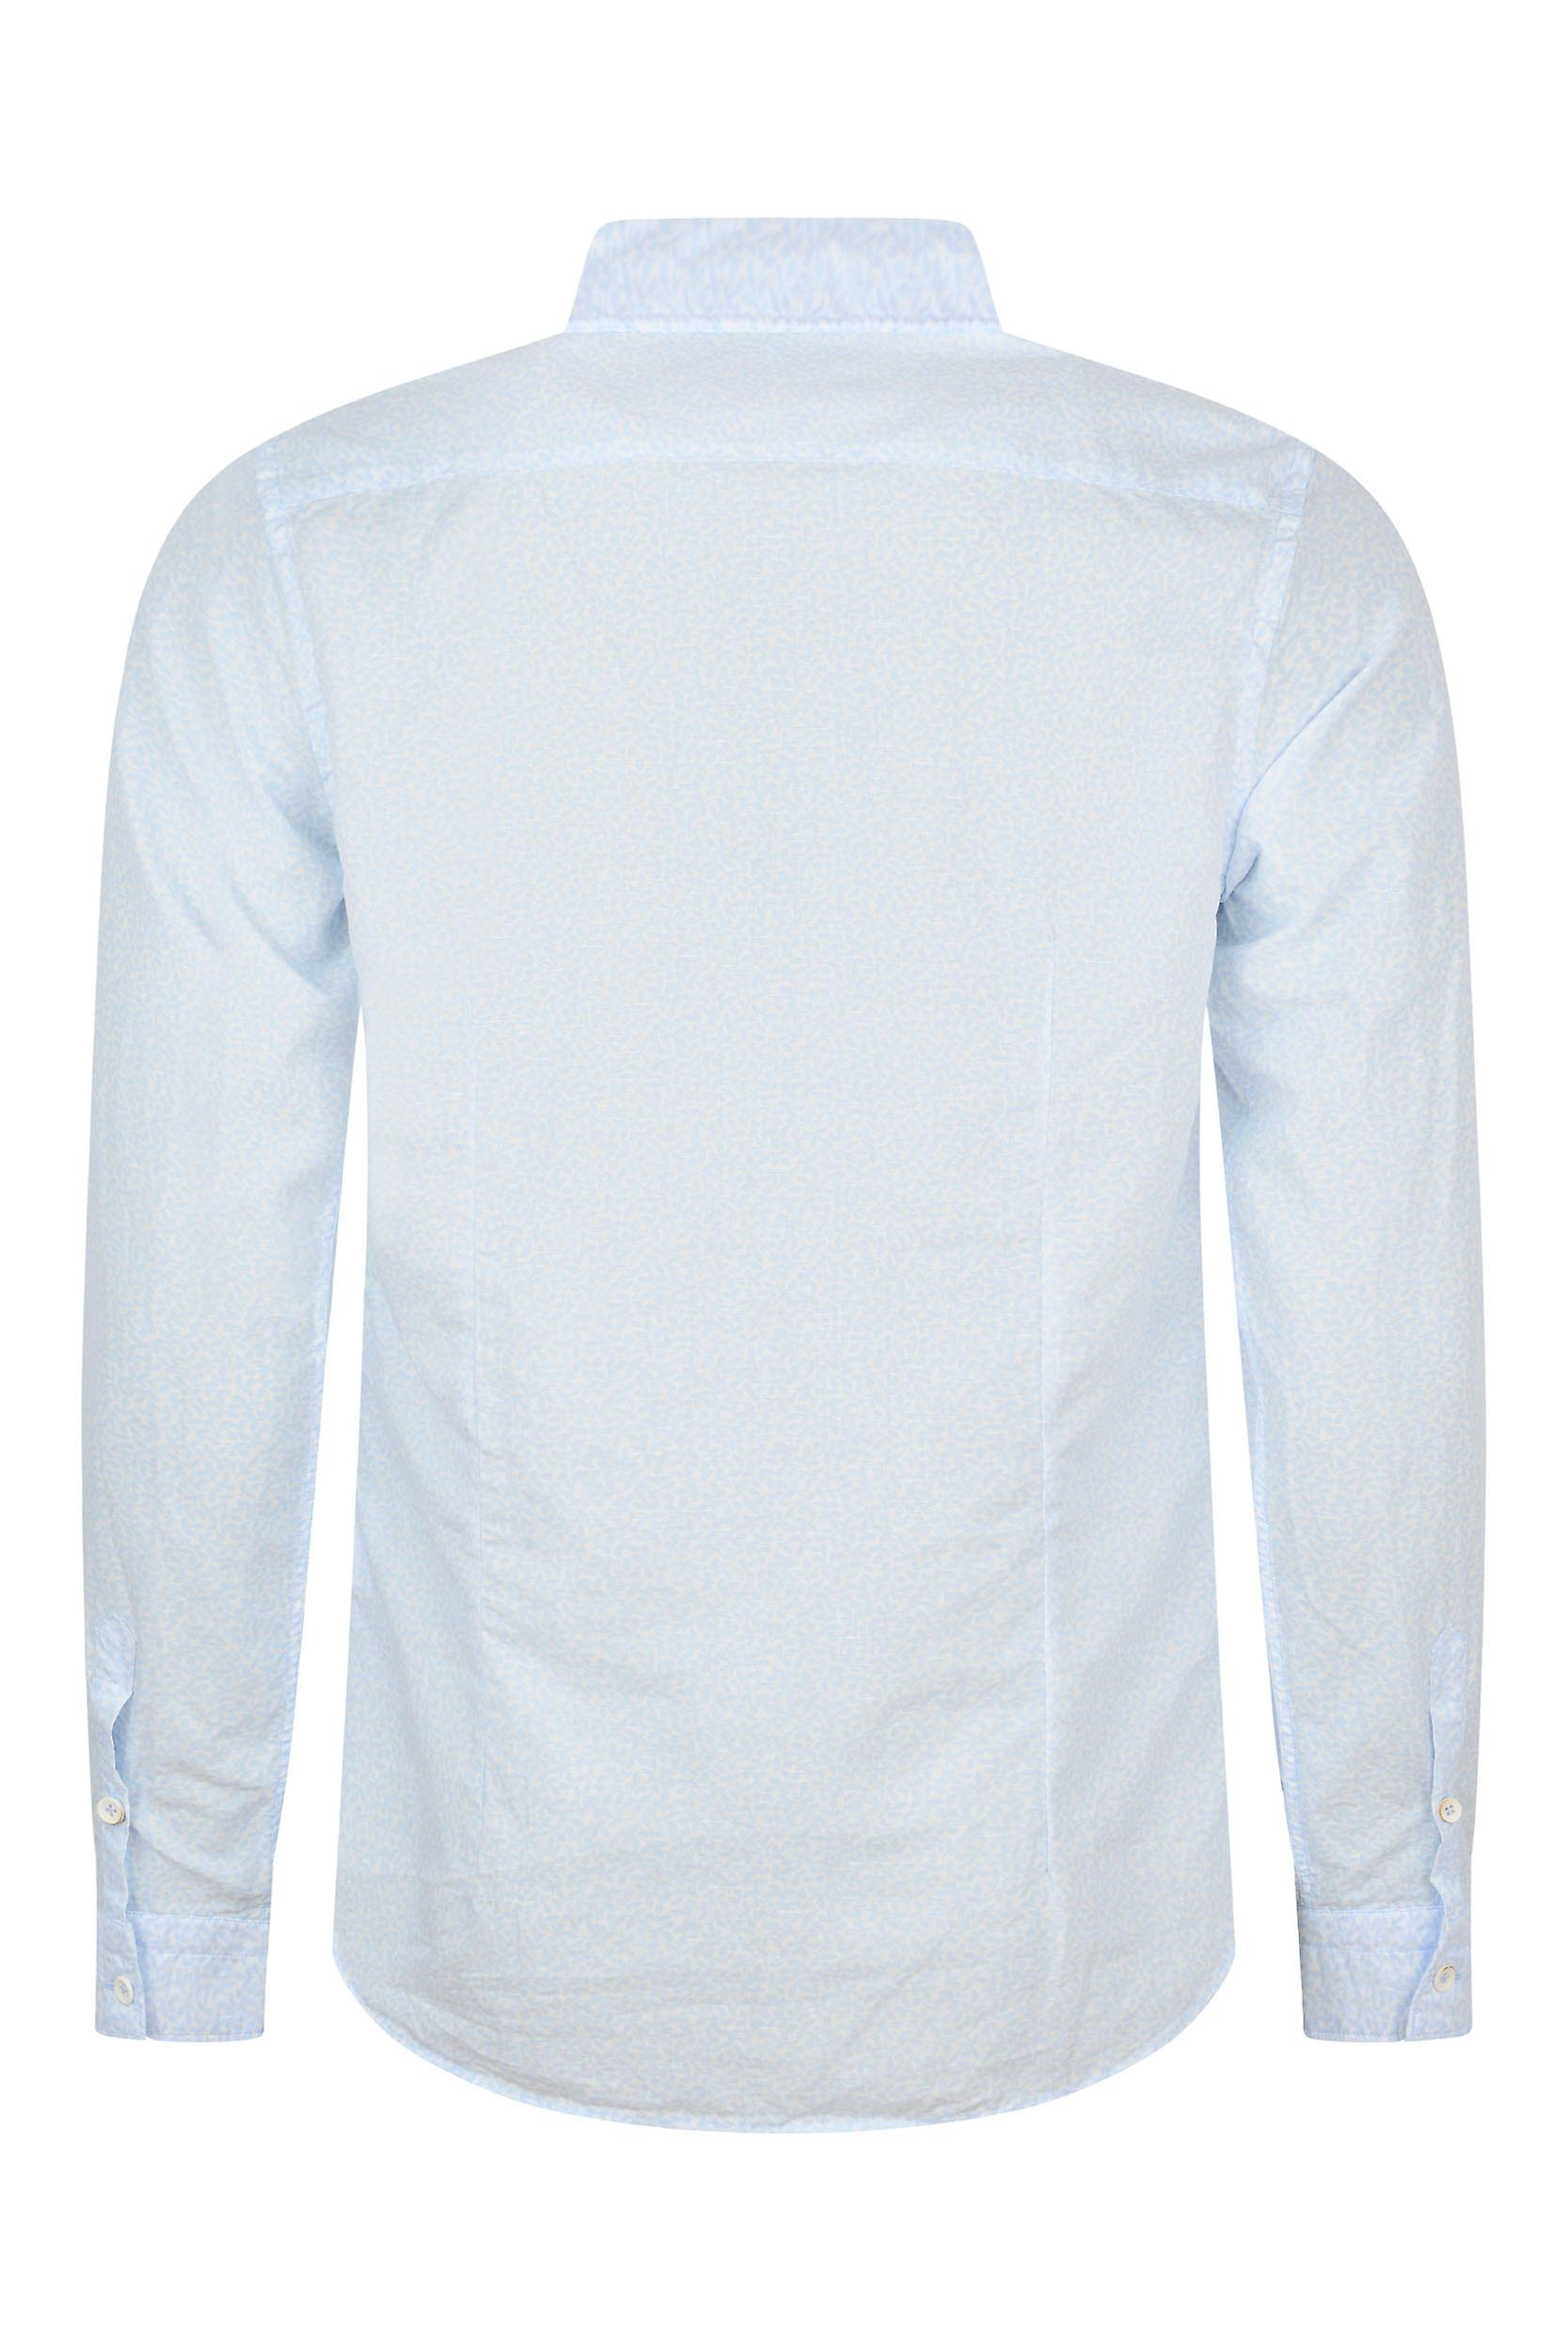 Fabio Giovanni Venosa Shirt - Herren hochwertige luxuriöse italienische Bettwäsche & Baumwolle mit Soft Cutaway blaues Hemd Kragen